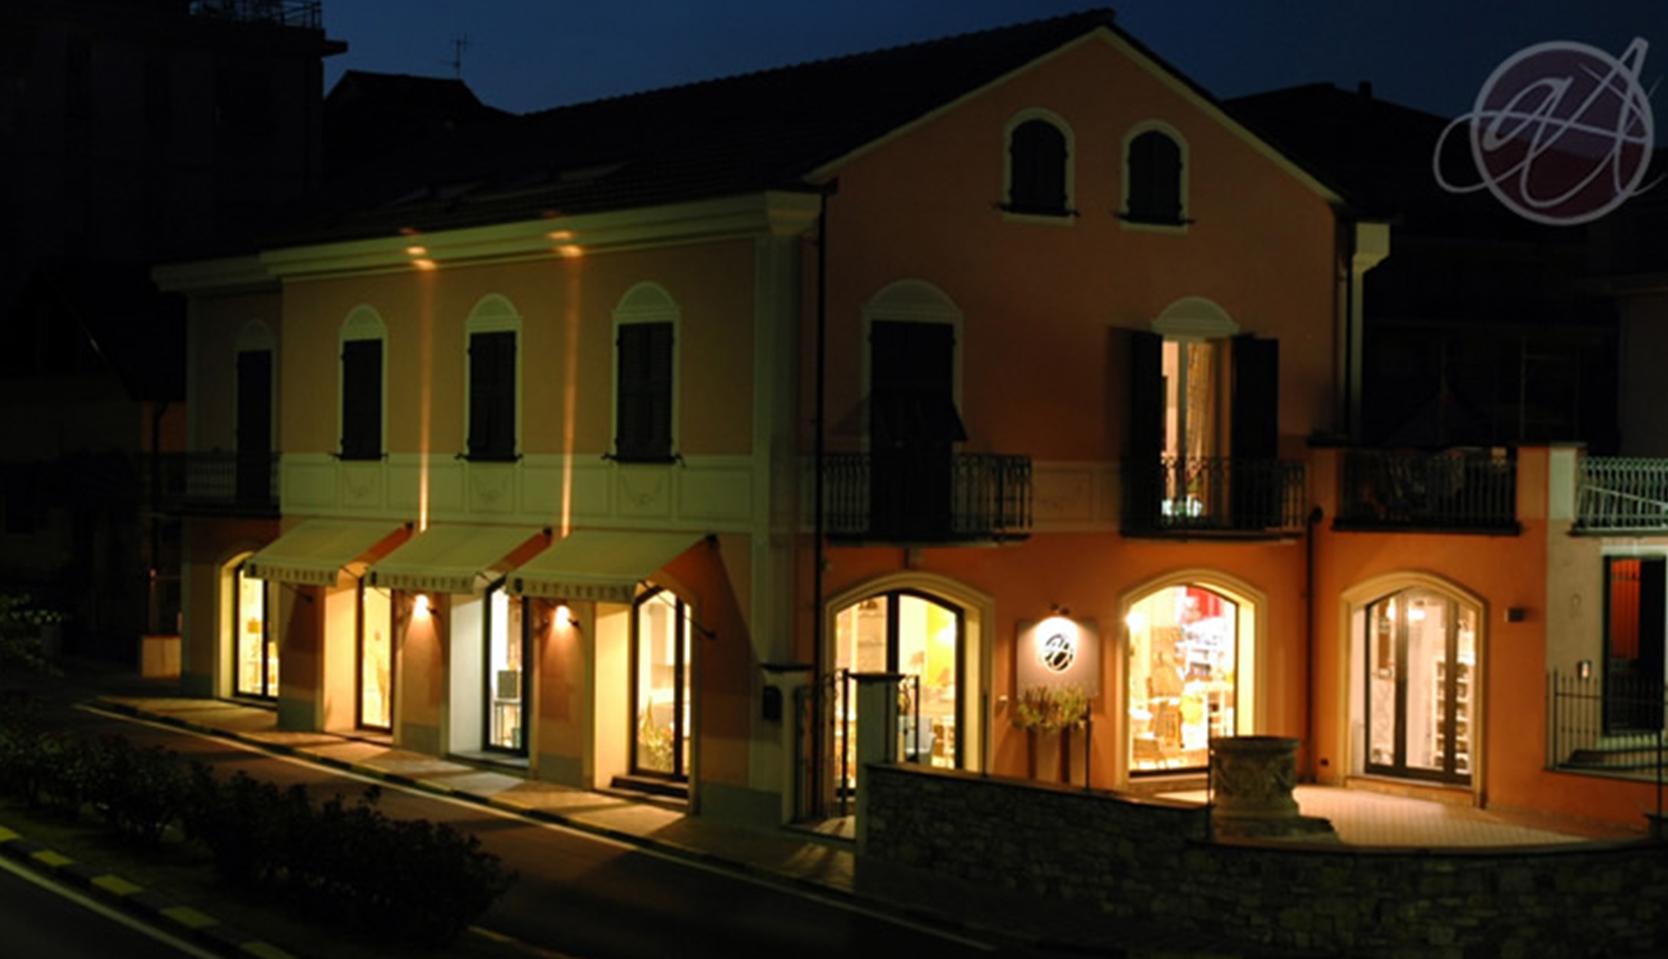 Il Nostro Showroom Imperia Savona Costa Azzurra | Emozioni d'Arredo Luci Colori Accessori per la Casa Imperia Savona Costa Azzurra | ARTARREDA